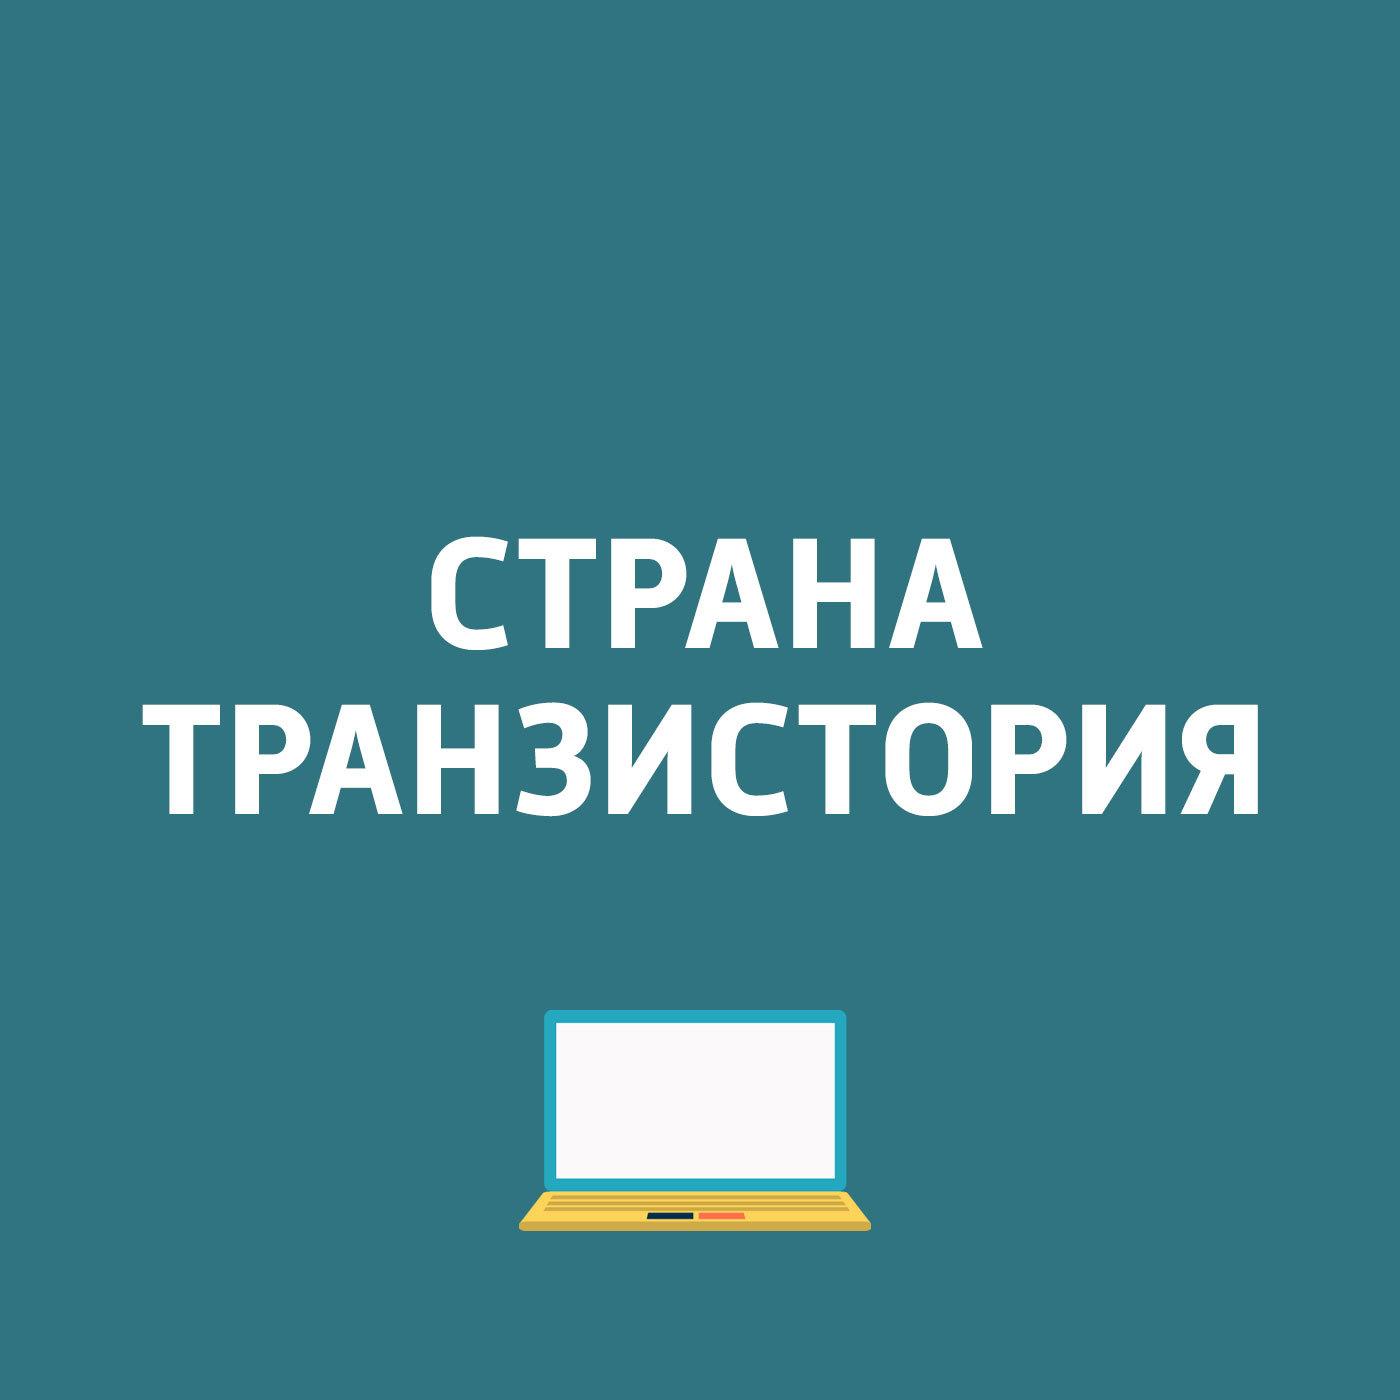 Картаев Павел Начала работать CES 2016. Windows 7 на свой страх и риск картаев павел цены на электронику lenovo и motorola отель для геймеров